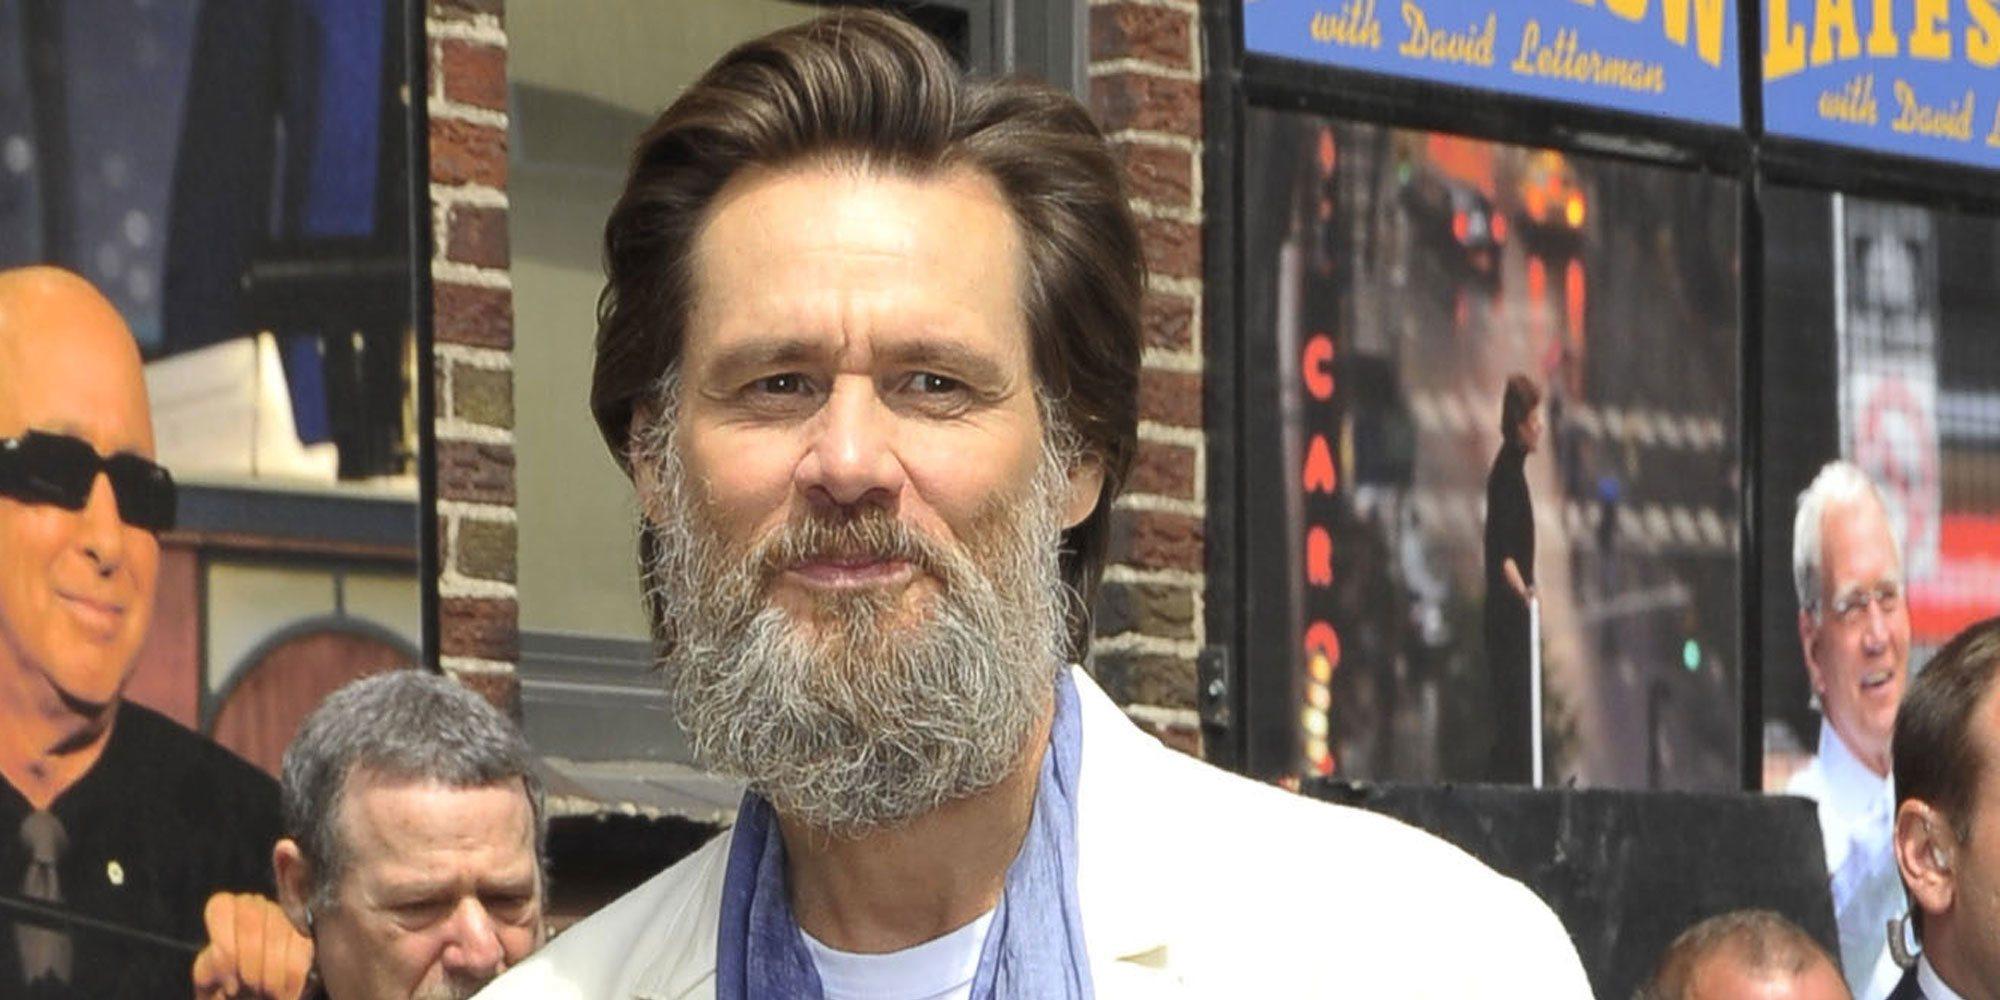 """La increíble confesión de Jim Carrey veinte años después de su relación con Renée Zellweger: """"Fue el gran amor de mi vida"""""""